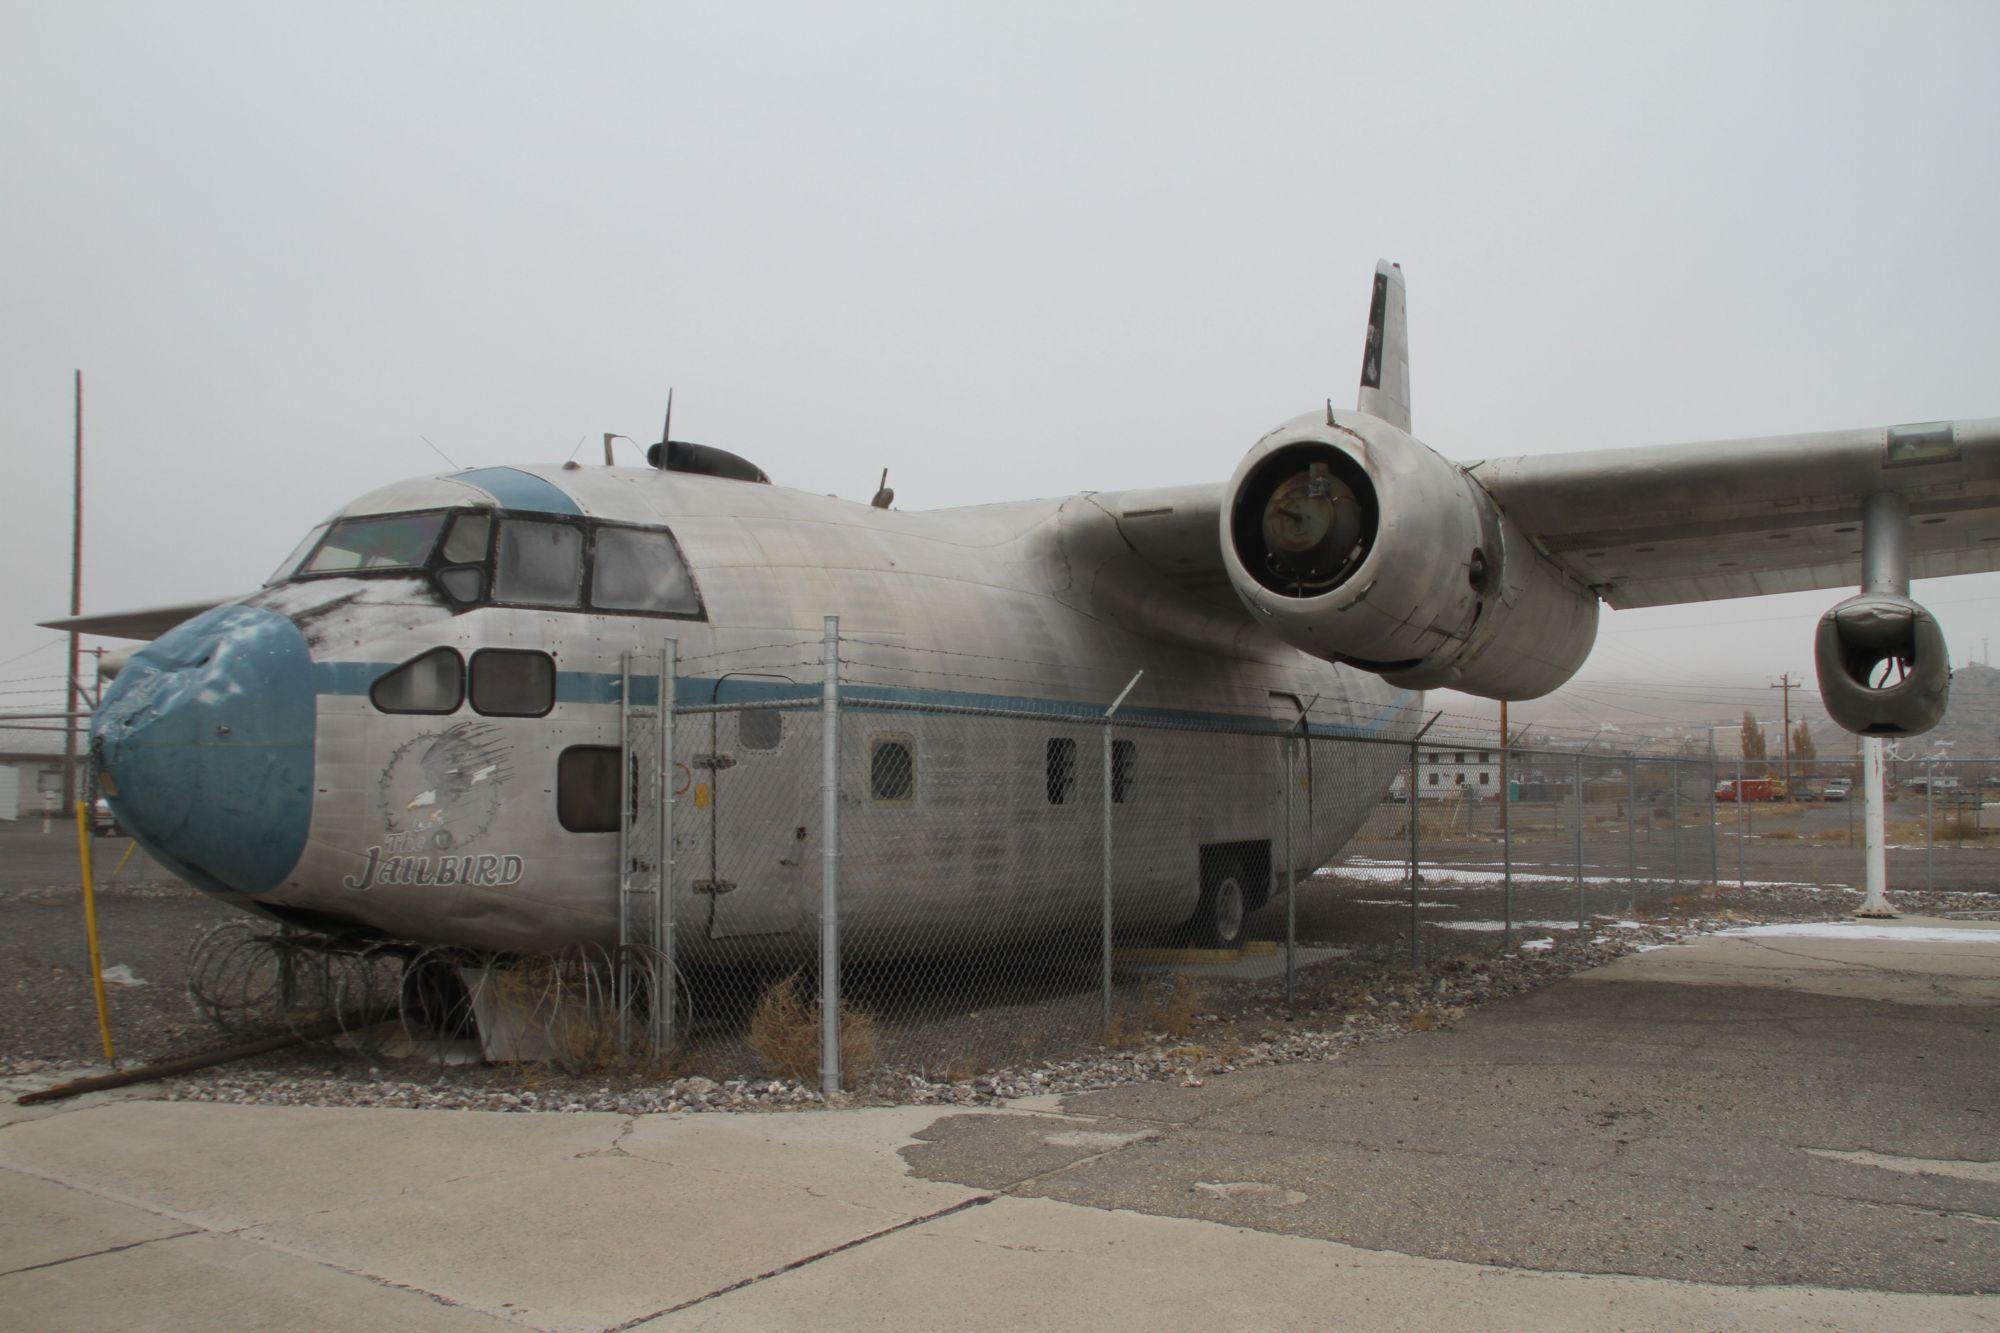 01-Con-Air-Plane-1_1